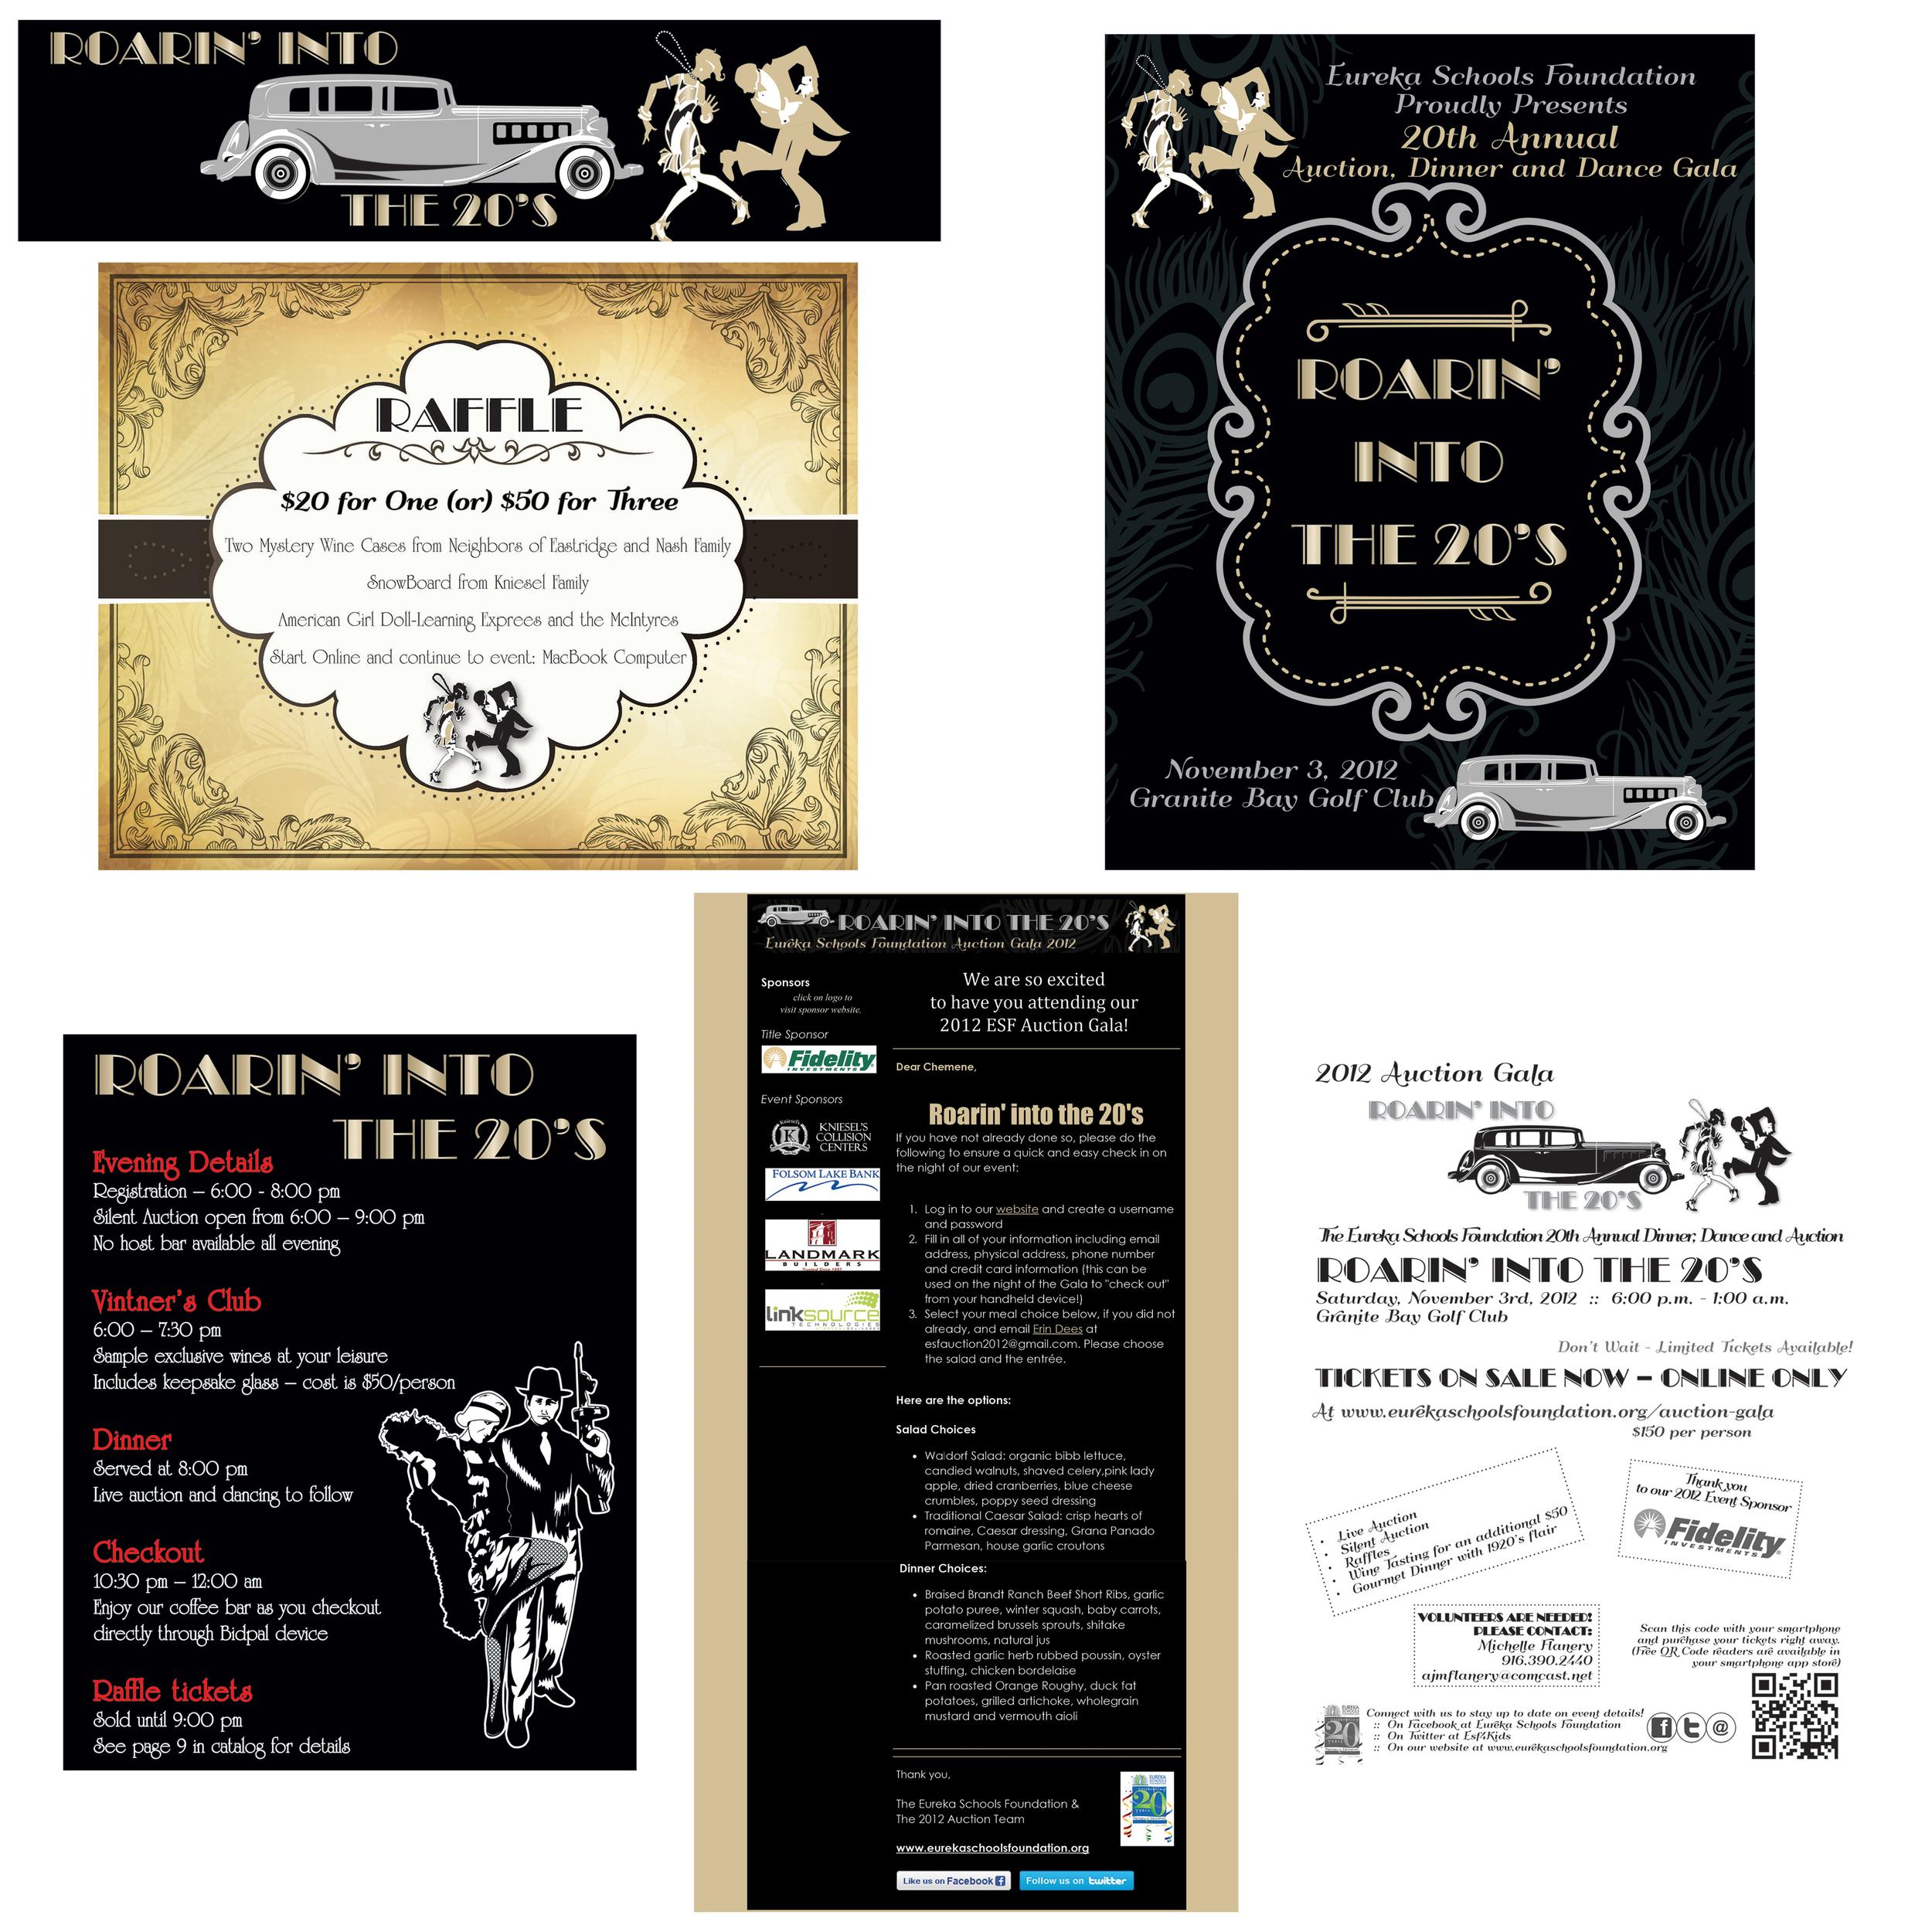 ESF-Auction-2012-Branding_web.jpg